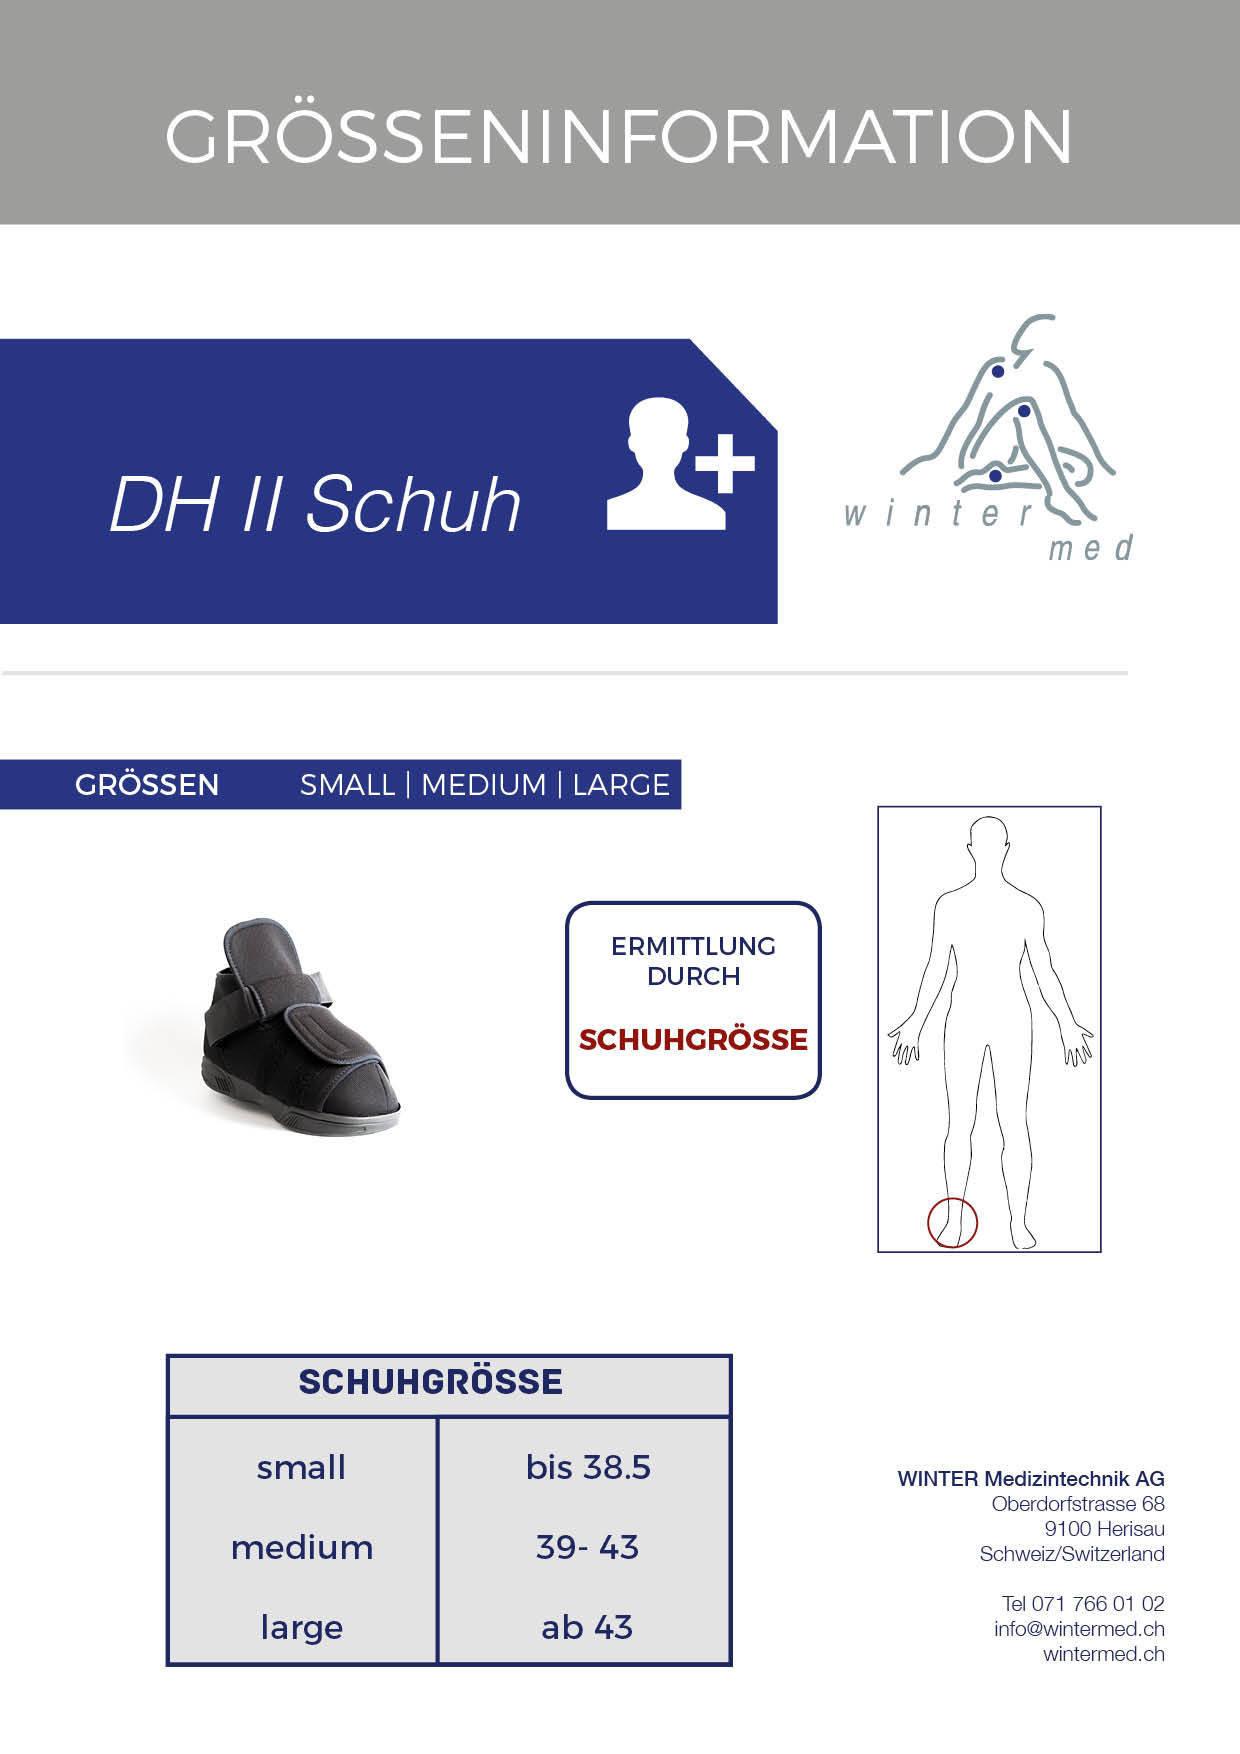 Grössentabelle des DH2 Druckentlastungsschuh